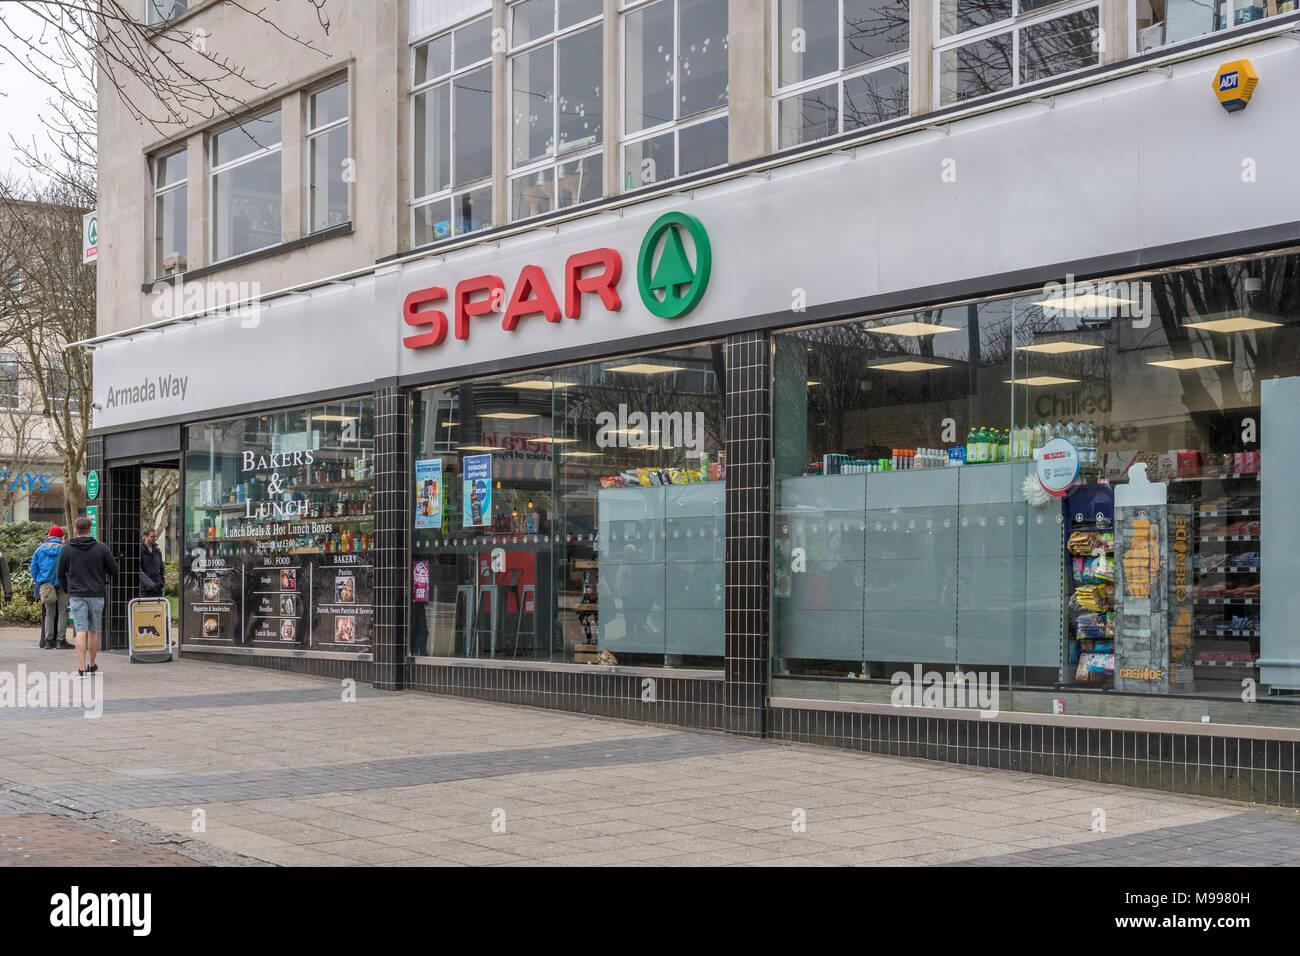 Exterior of SPAR shop on Armada Way, Plymouth, Devon. - Stock Image